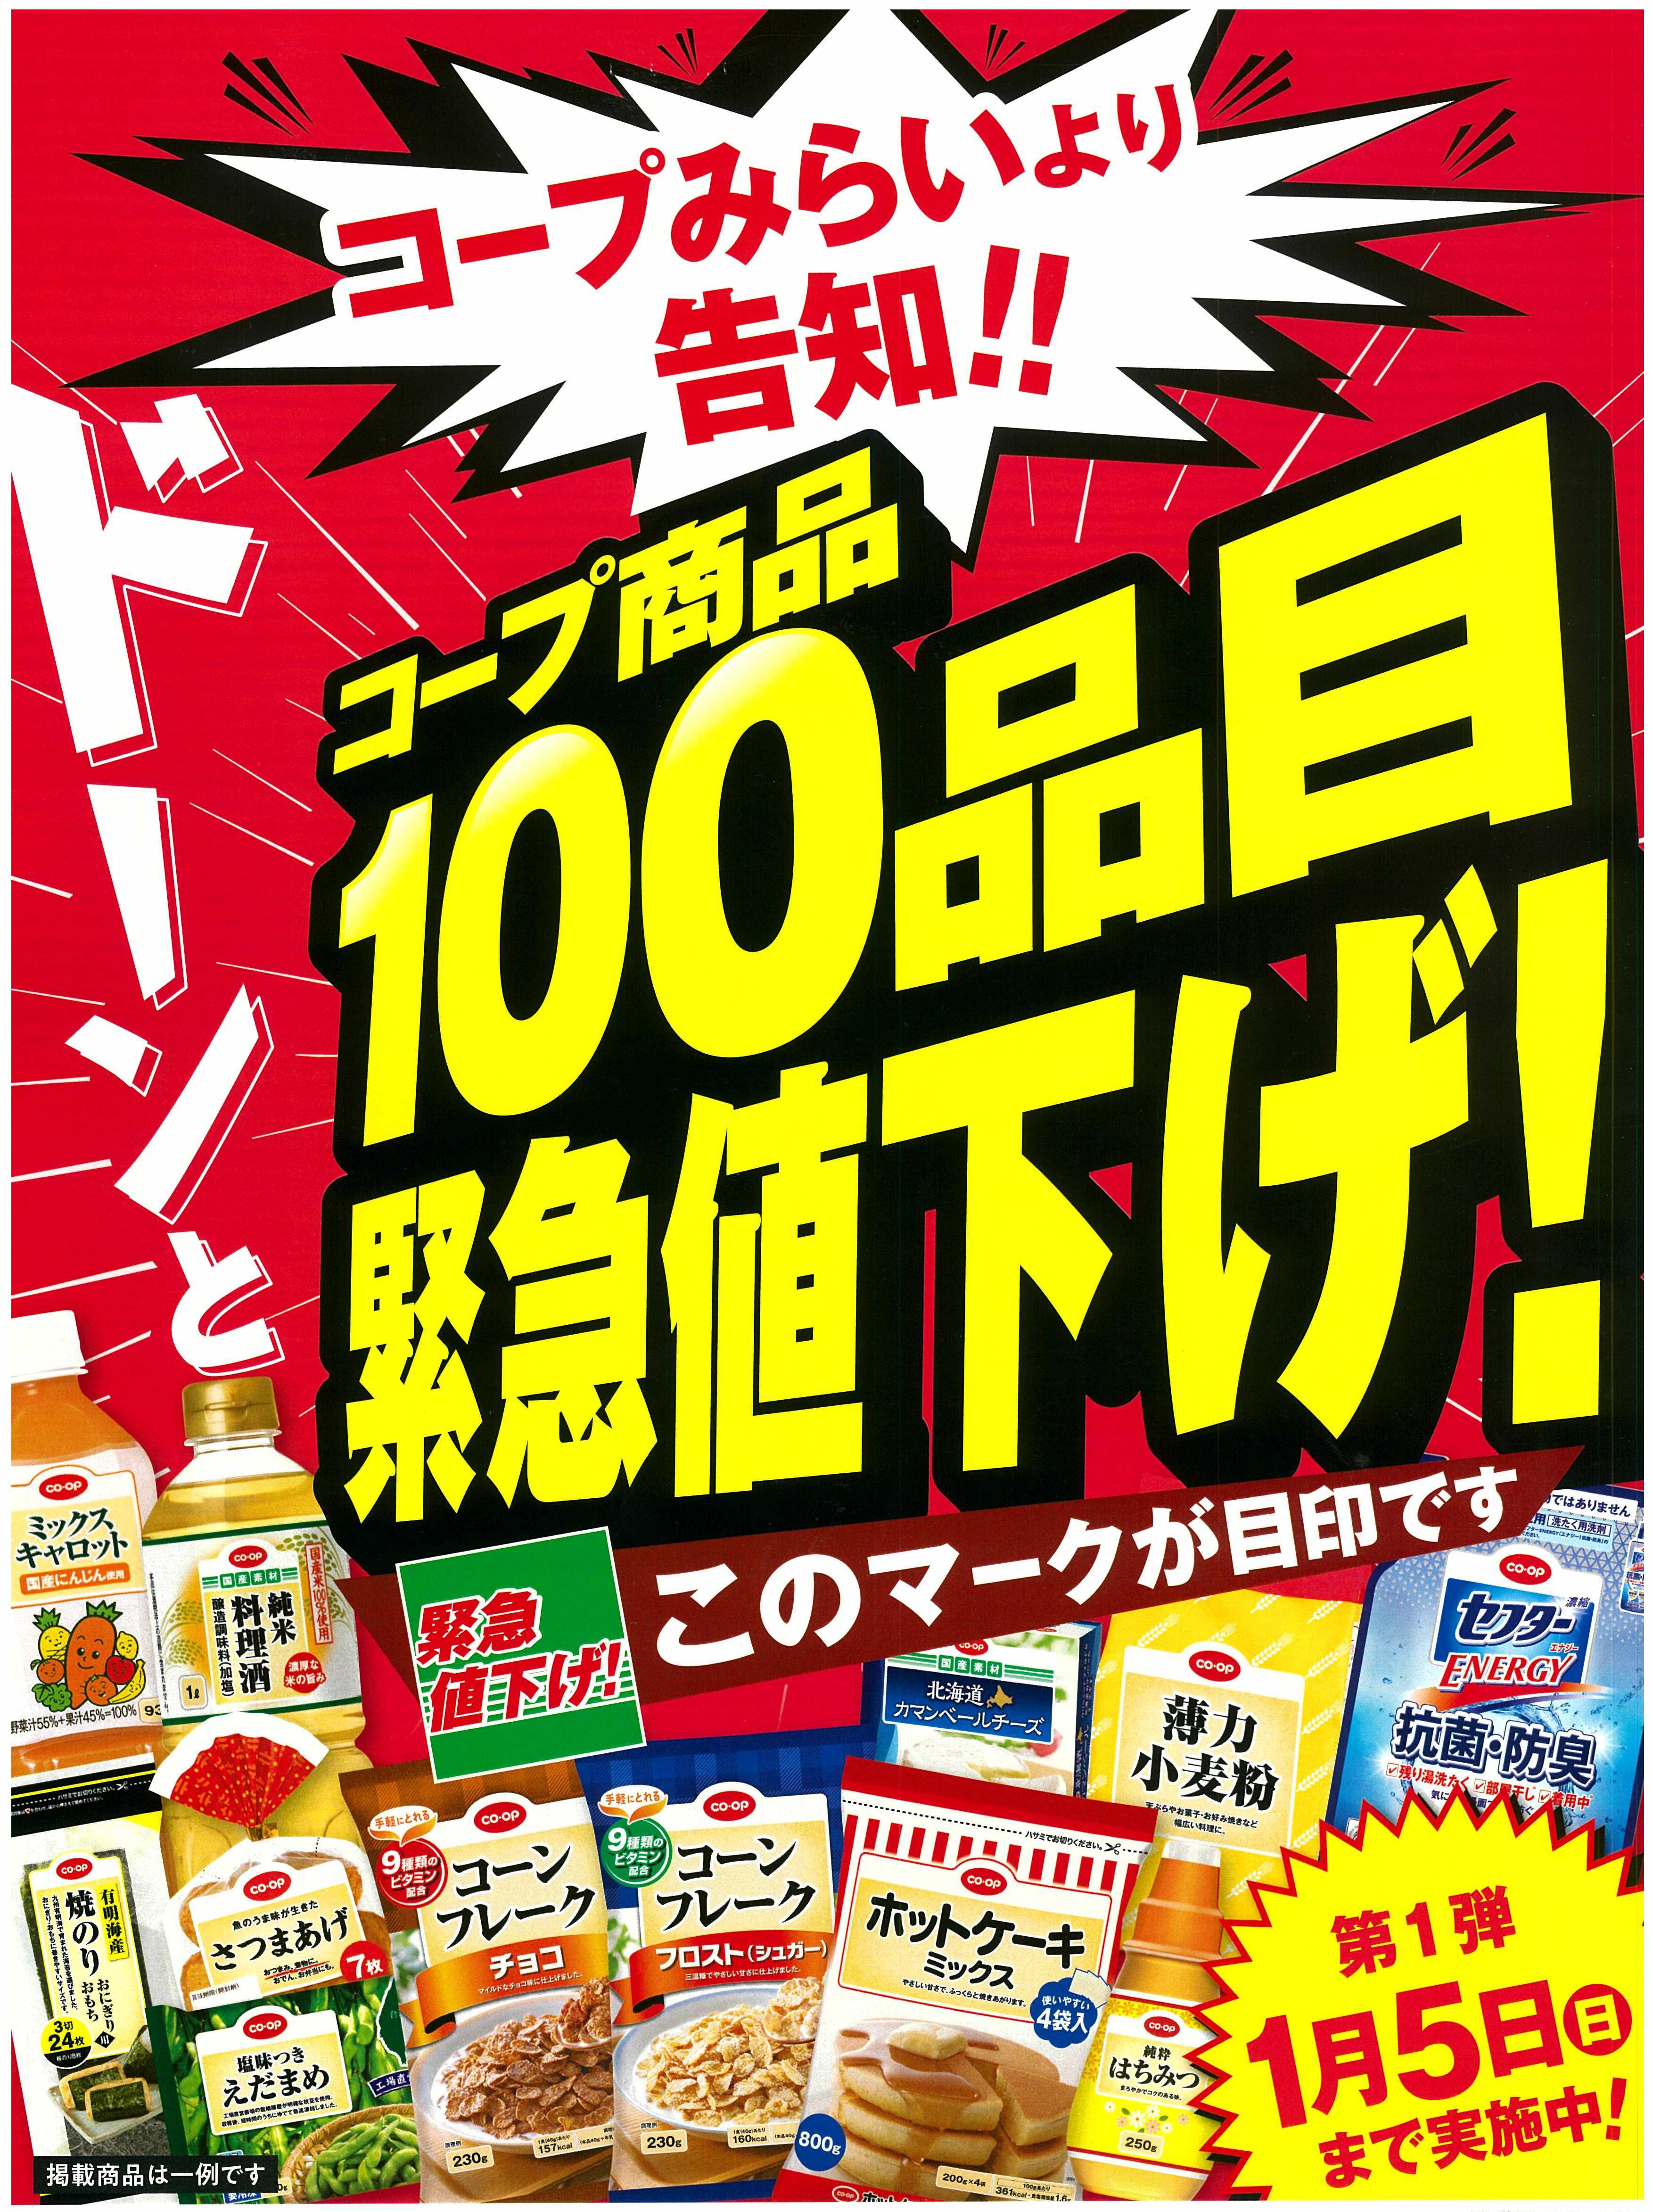 コープみらいより告知!!コープ商品ドーンと100品目緊急値下げ!